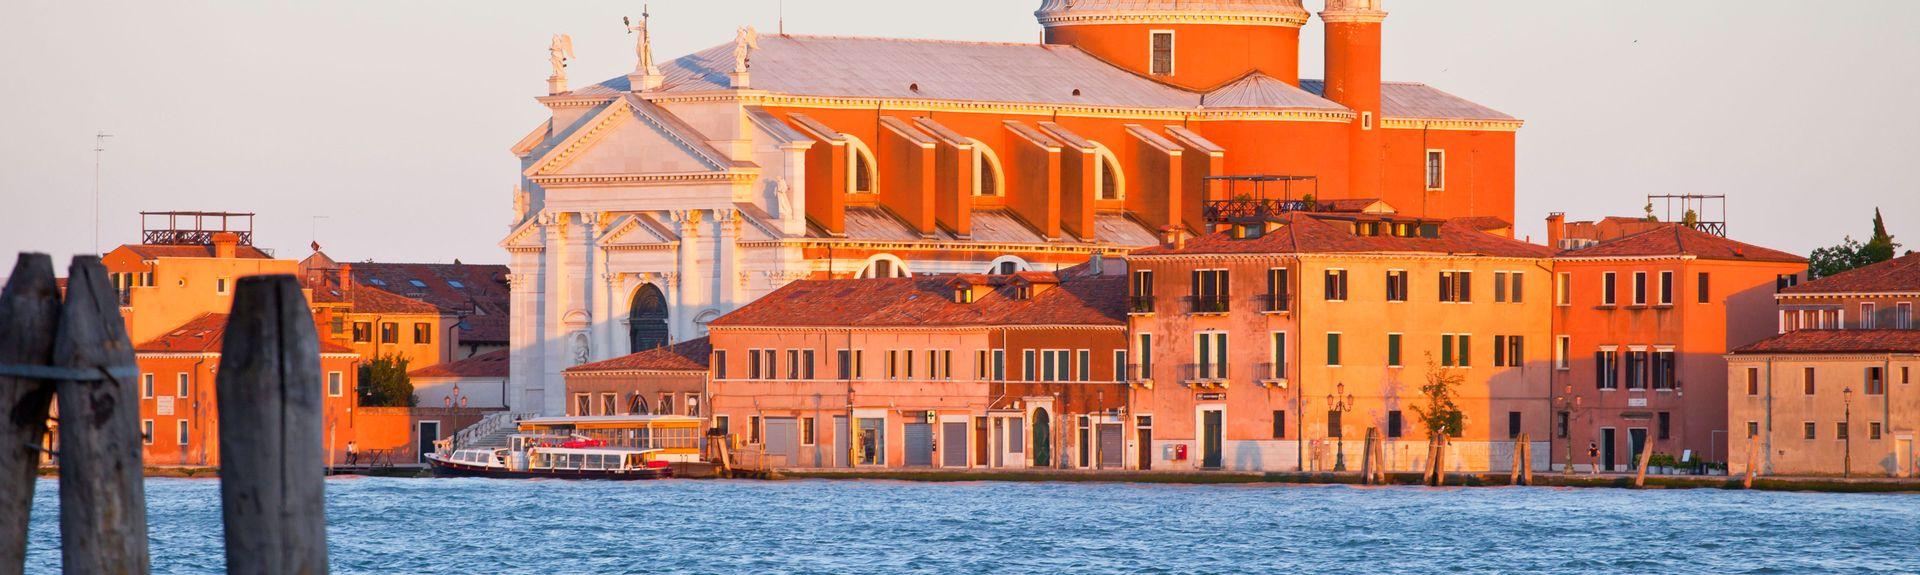 La Giudecca, Venedig, Veneto, Italien